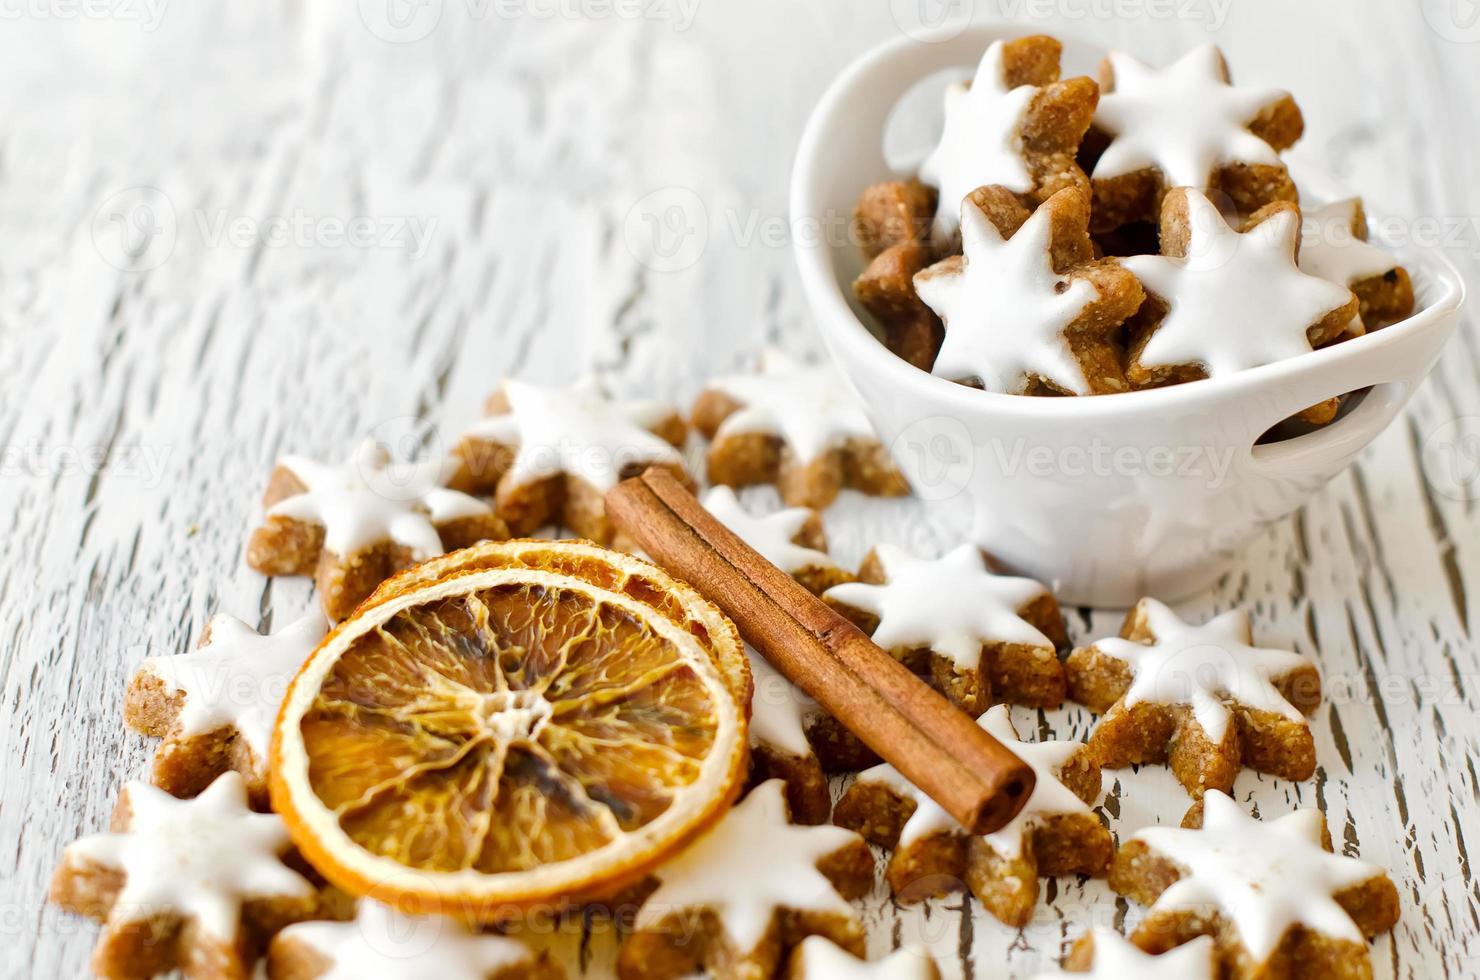 espacio de copia de galletas de estrella de navidad blanca foto